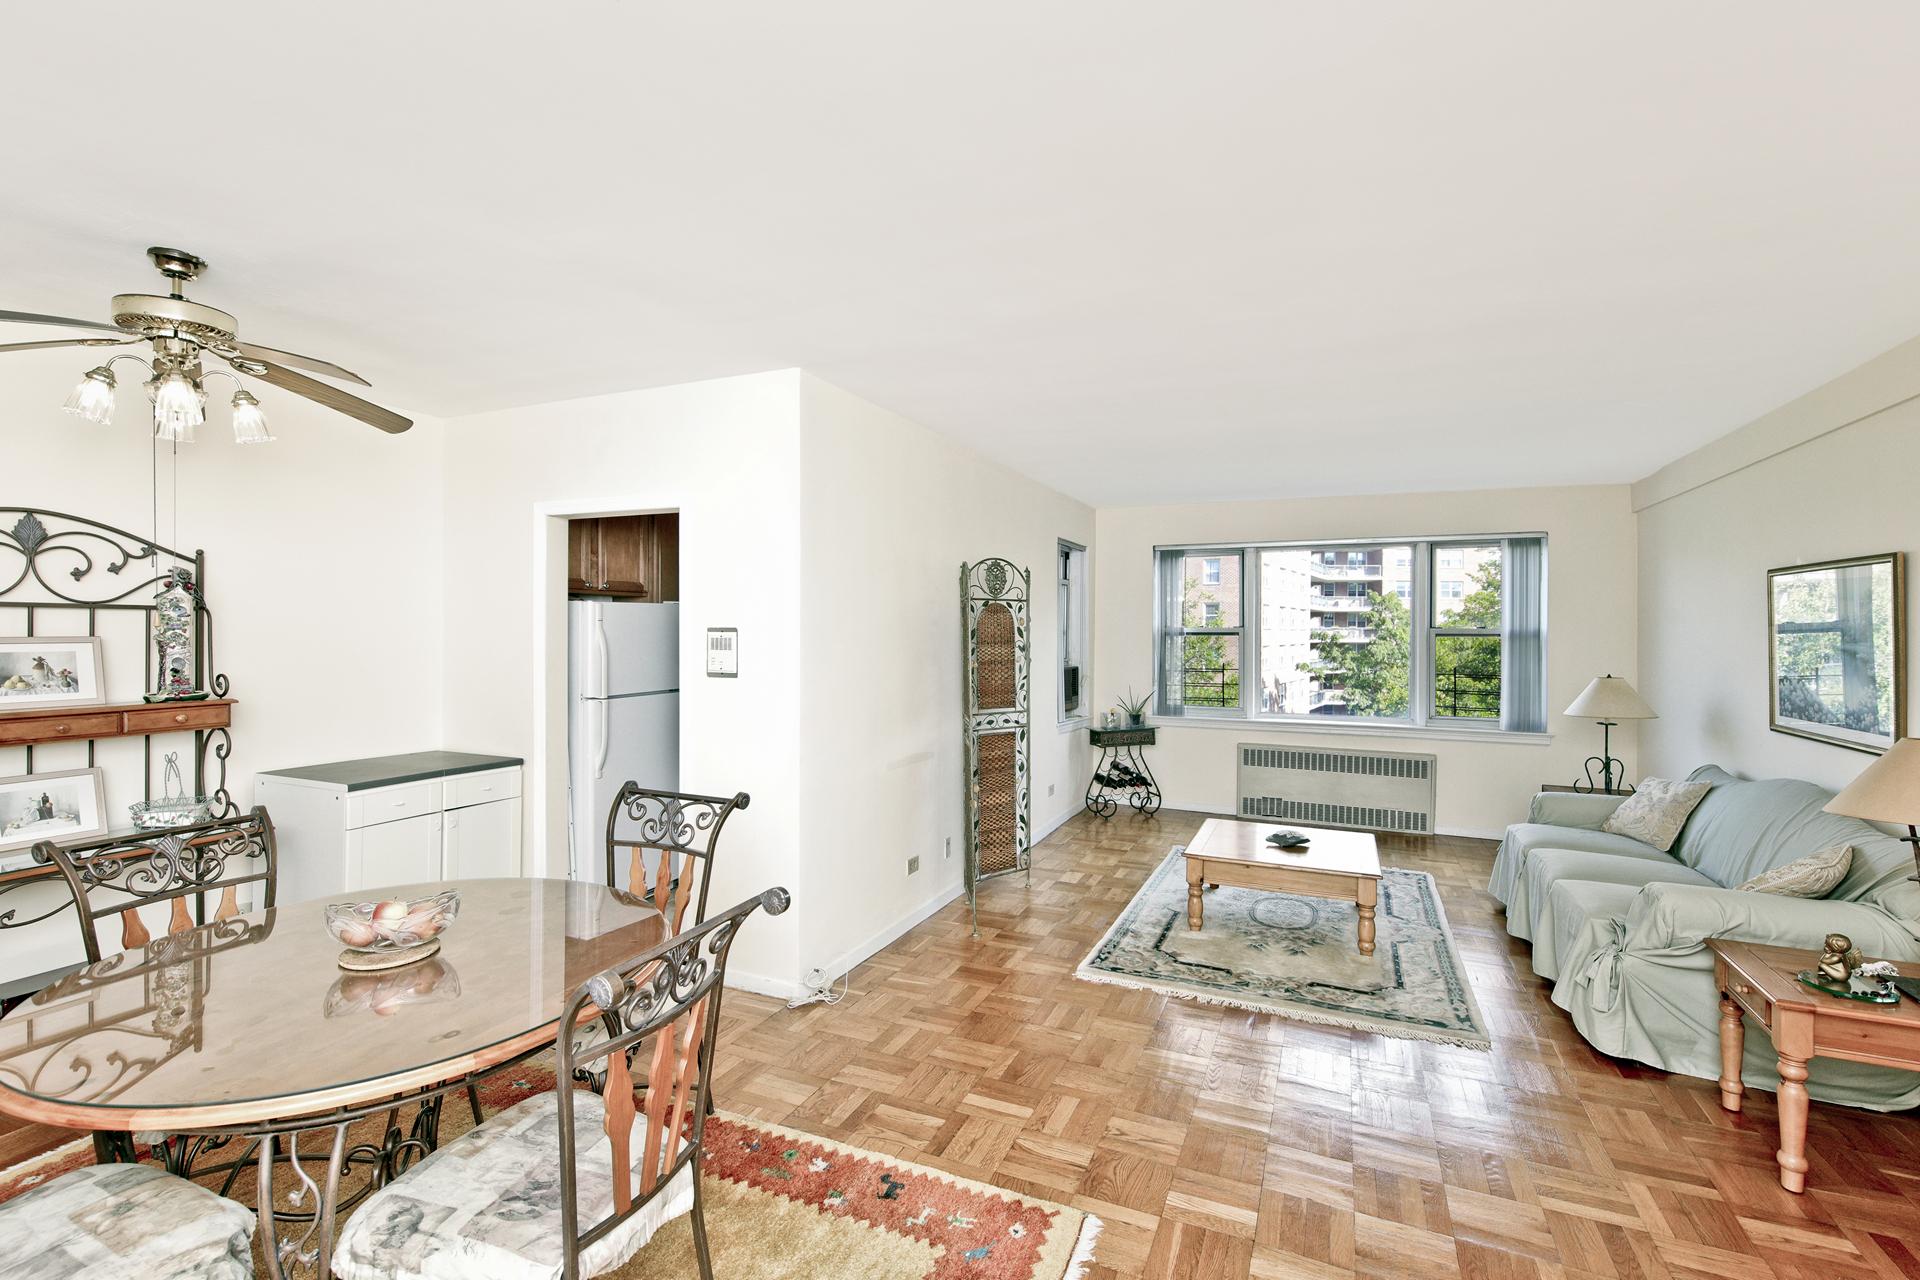 Riverdale 2 bedroom for sale at 3750 hudson manor terrace for 3750 hudson manor terrace